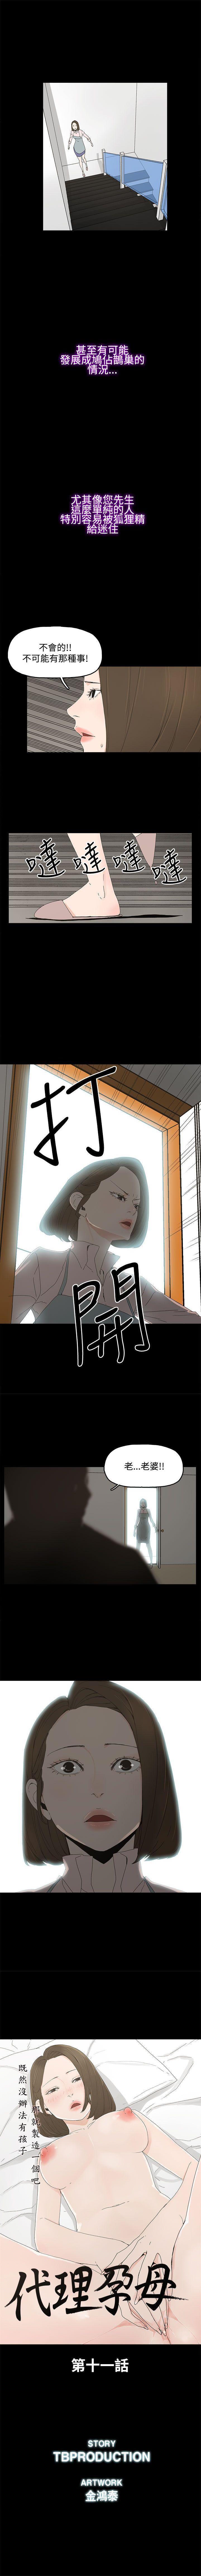 代理孕母 11 [Chinese] Manhwa 1